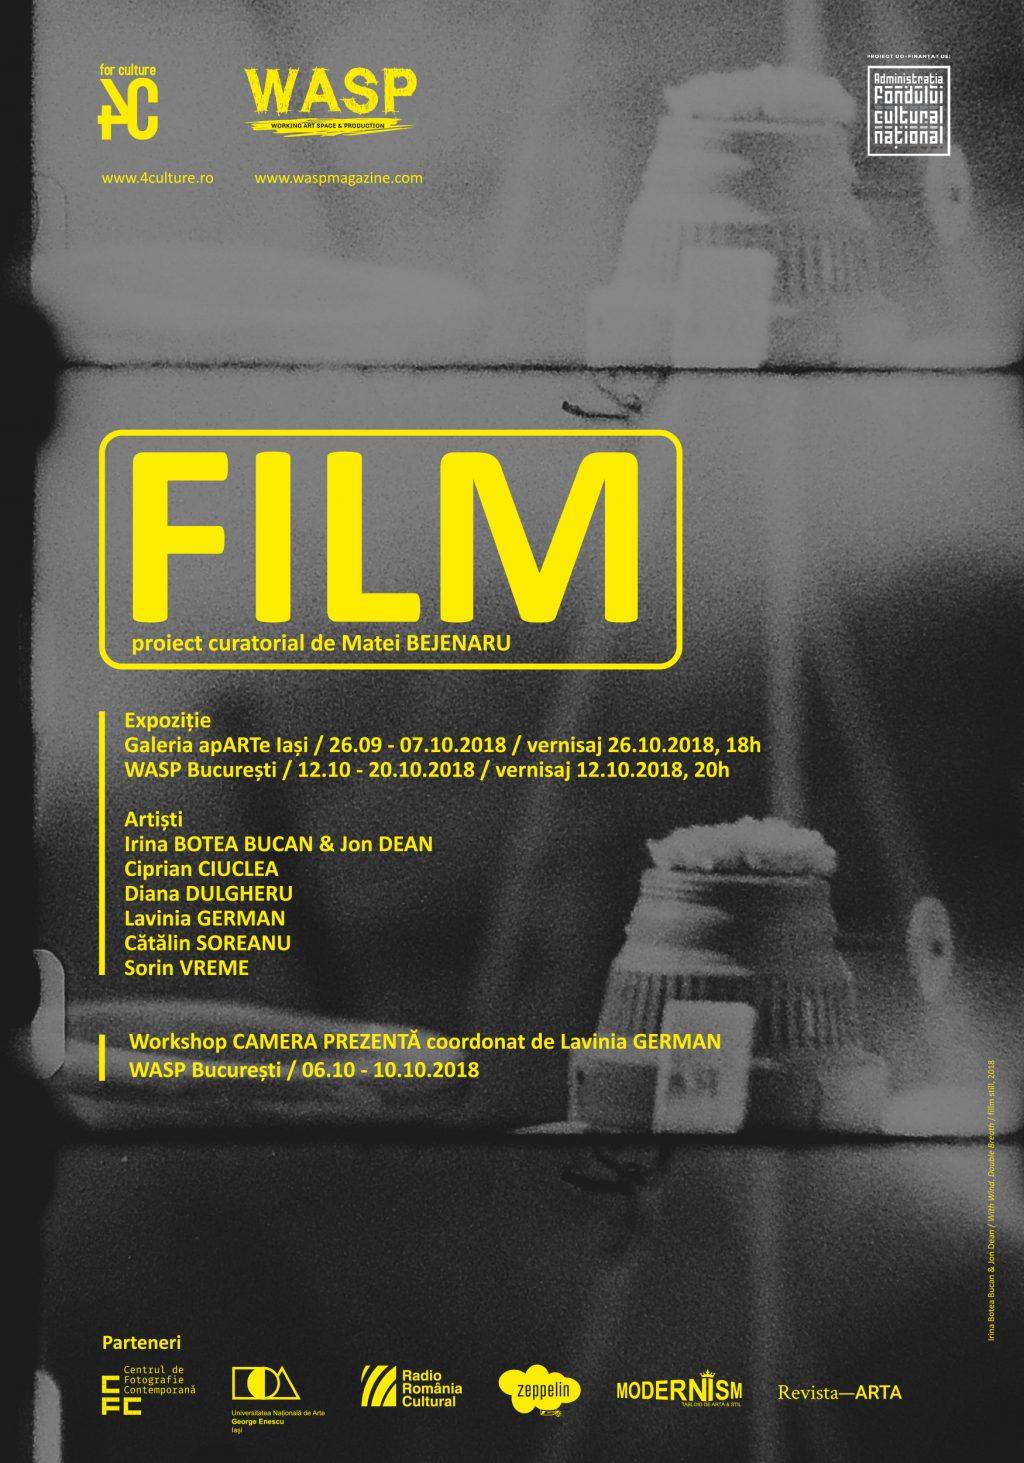 Expoziția FILM – proiect curatorial va fi deschisă în București vineri, 12 octombrie 2018